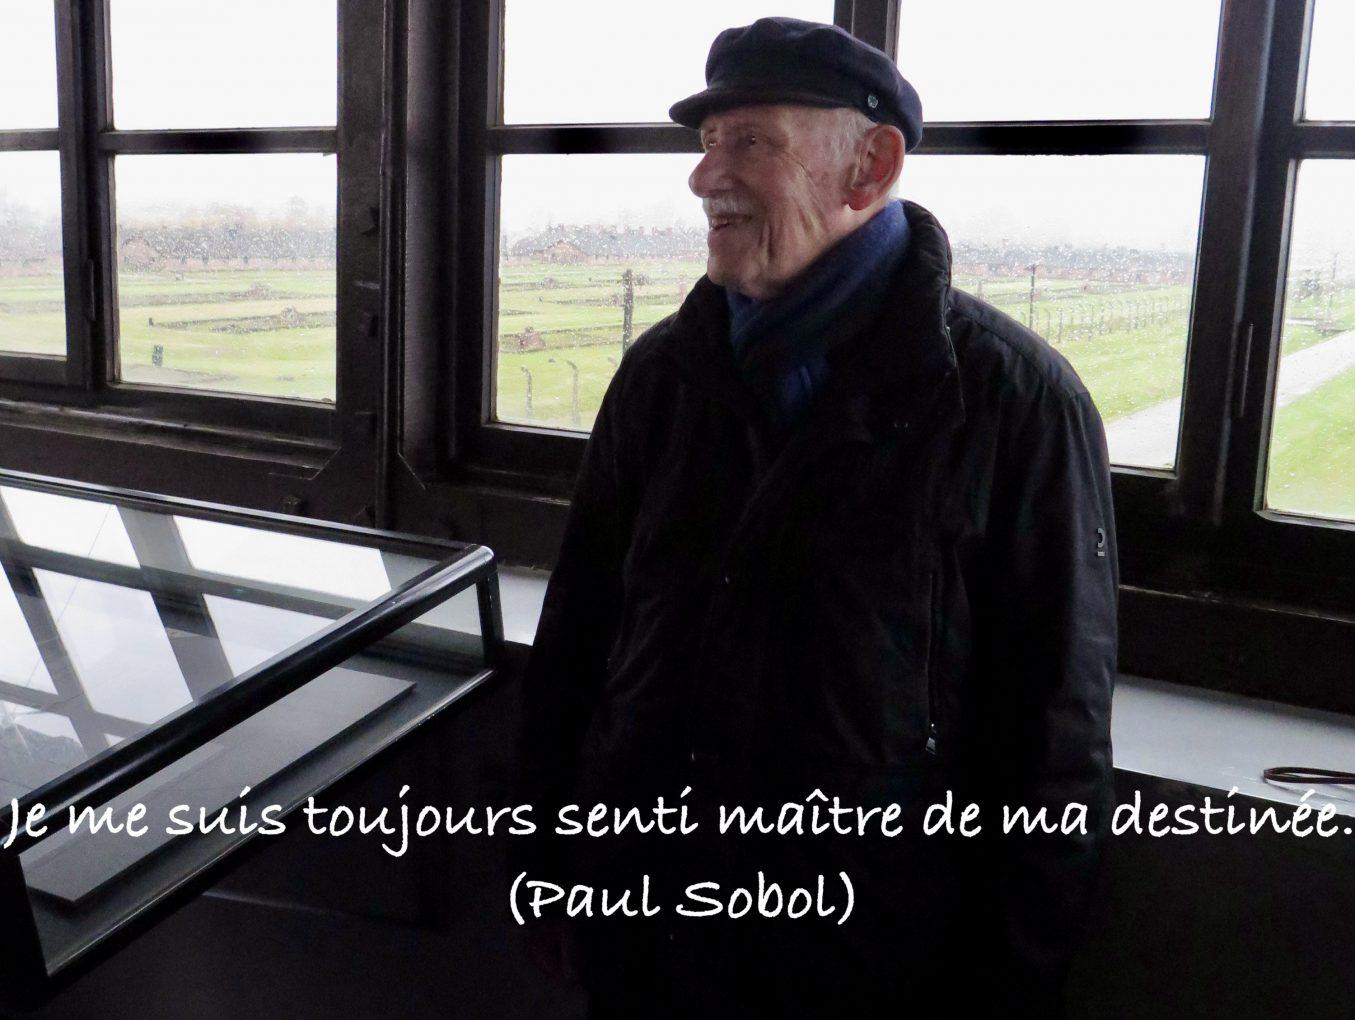 En mémoire de Monsieur Paul Sobol, rescapé d'Auschwitz